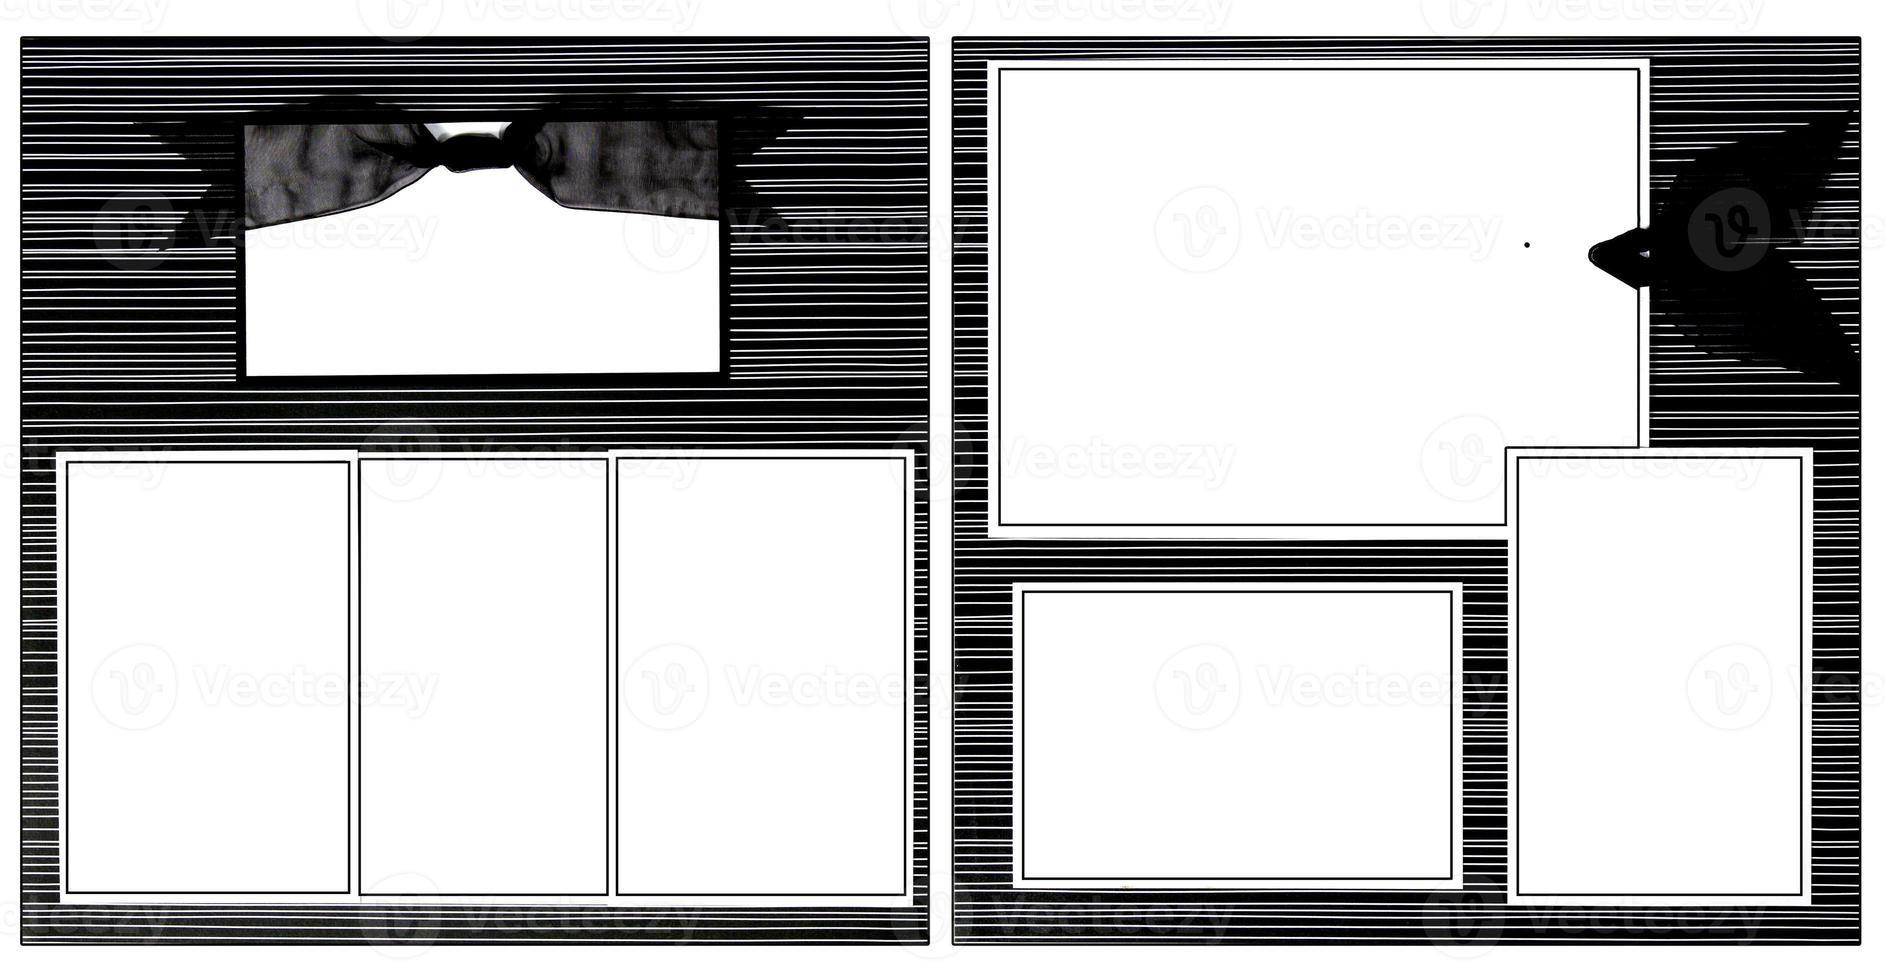 svart band klippbok mall foto